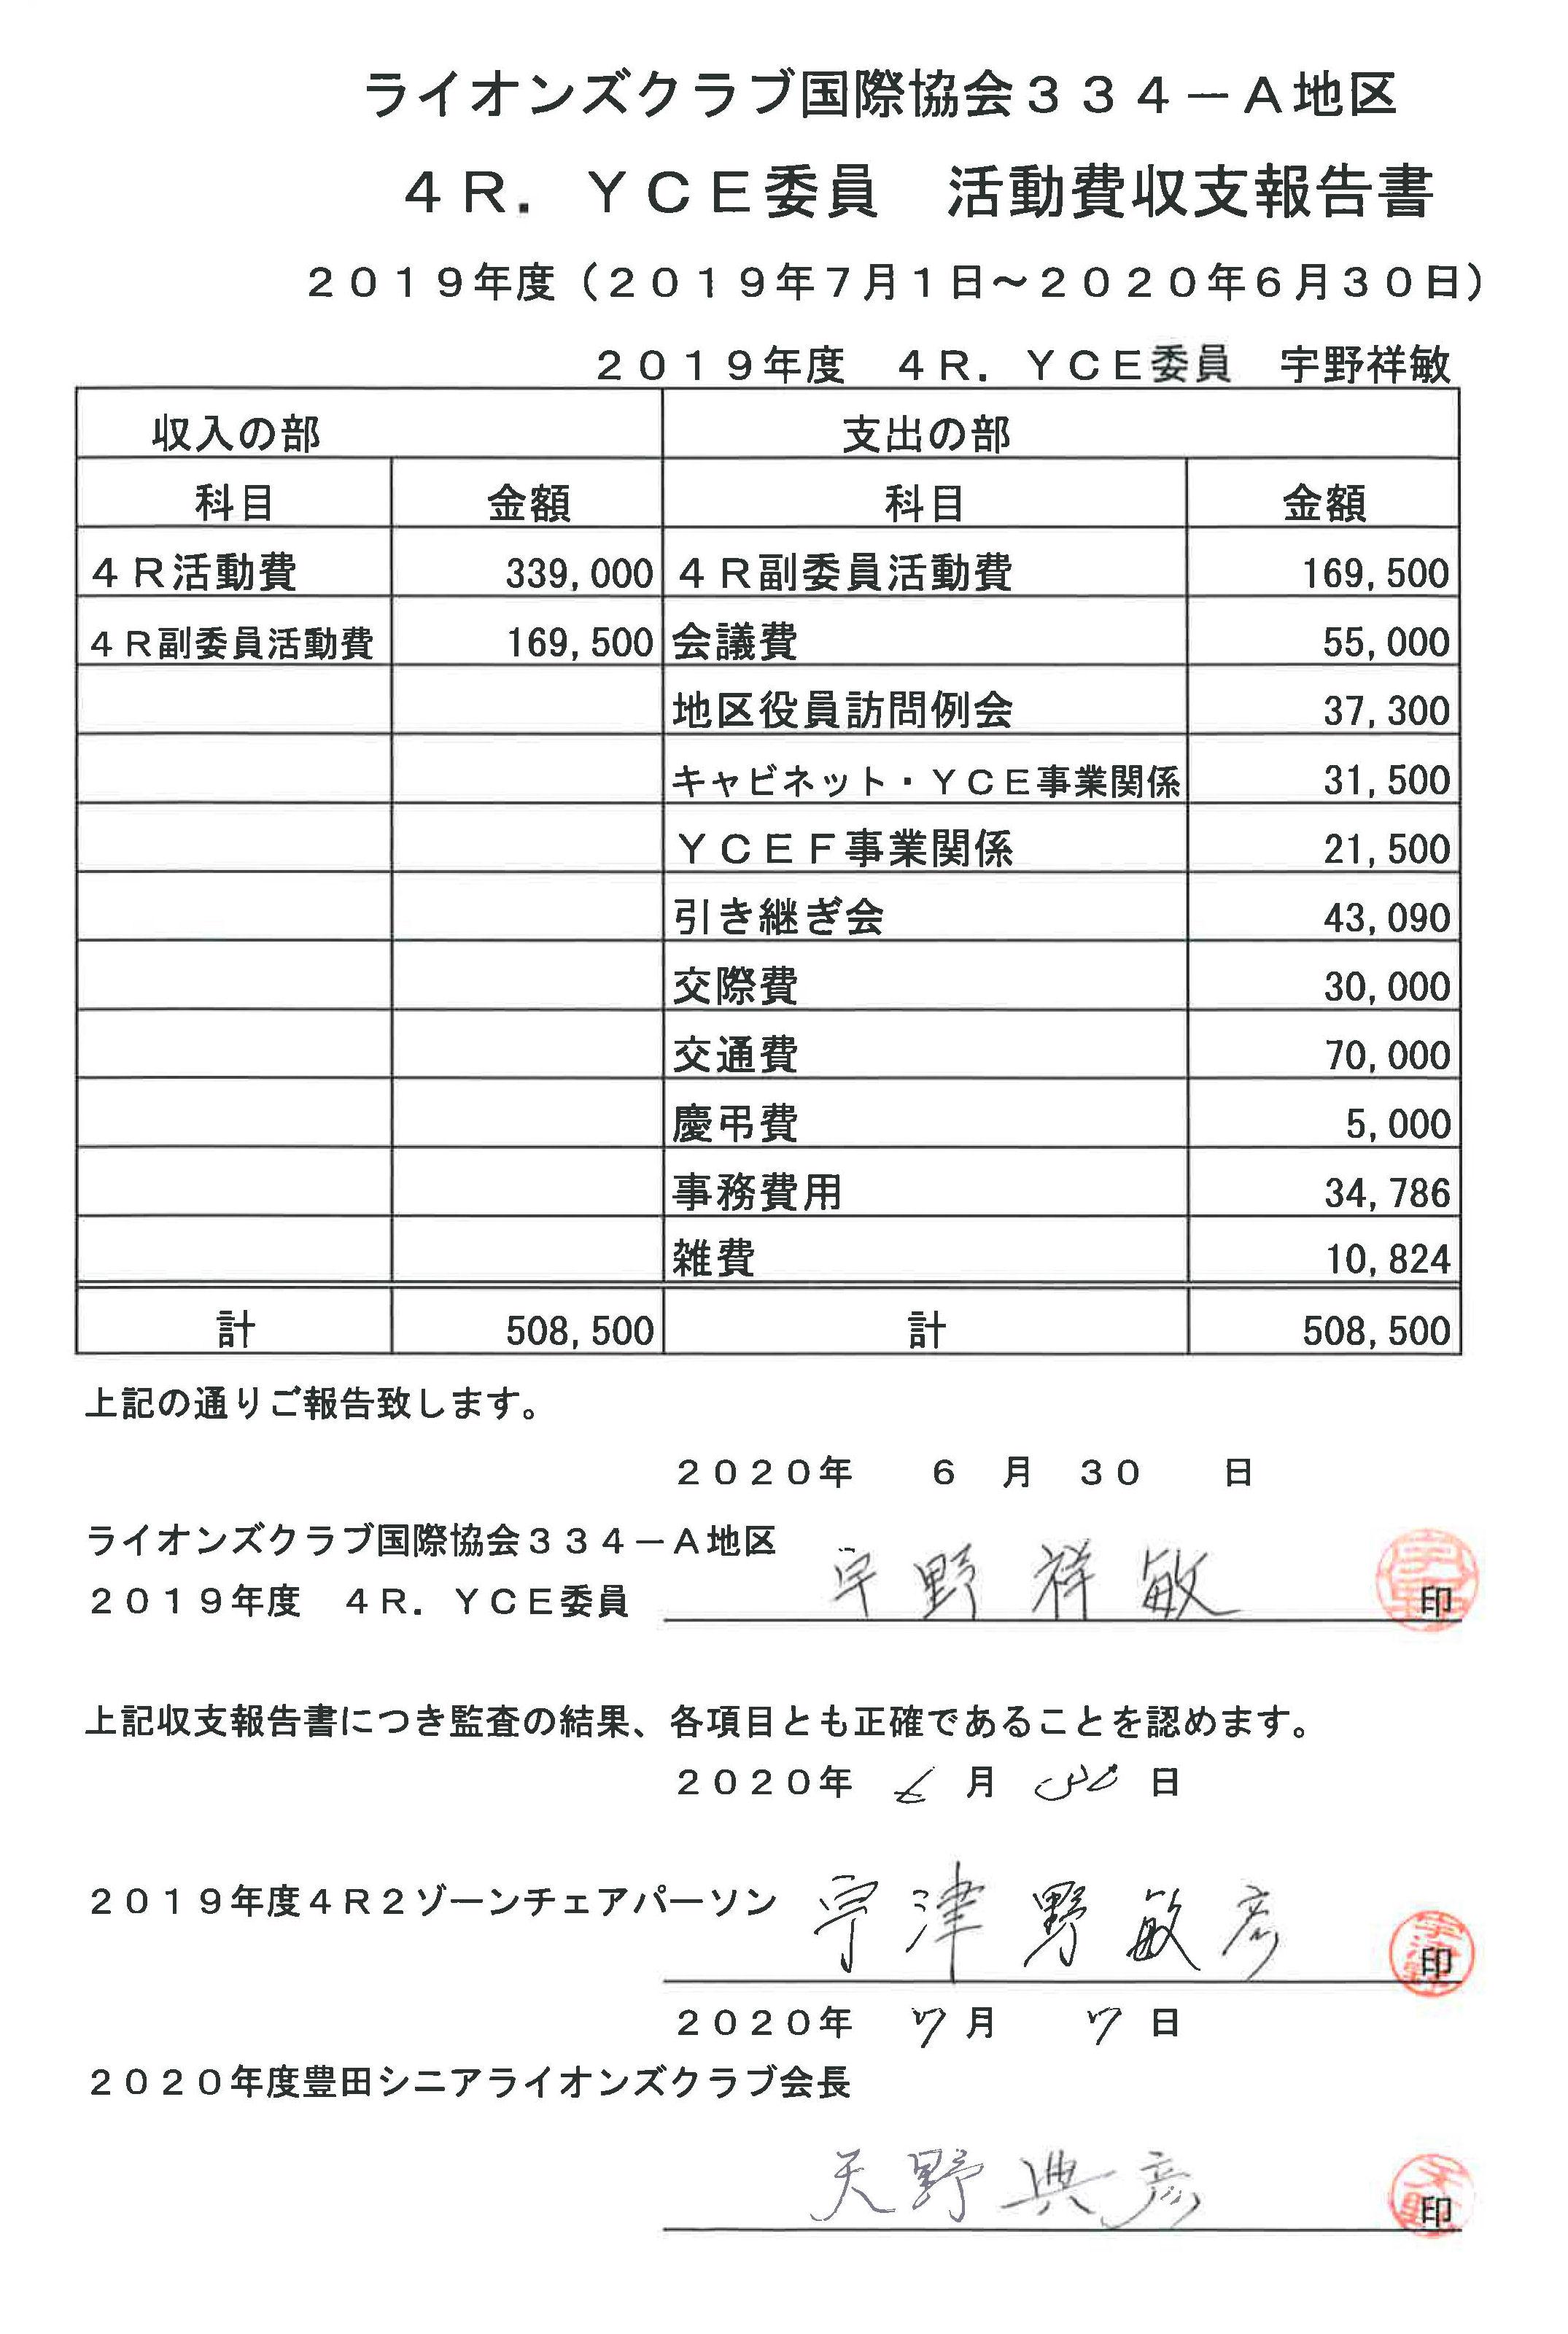 20 4R.YCE委員活動費収支報告書